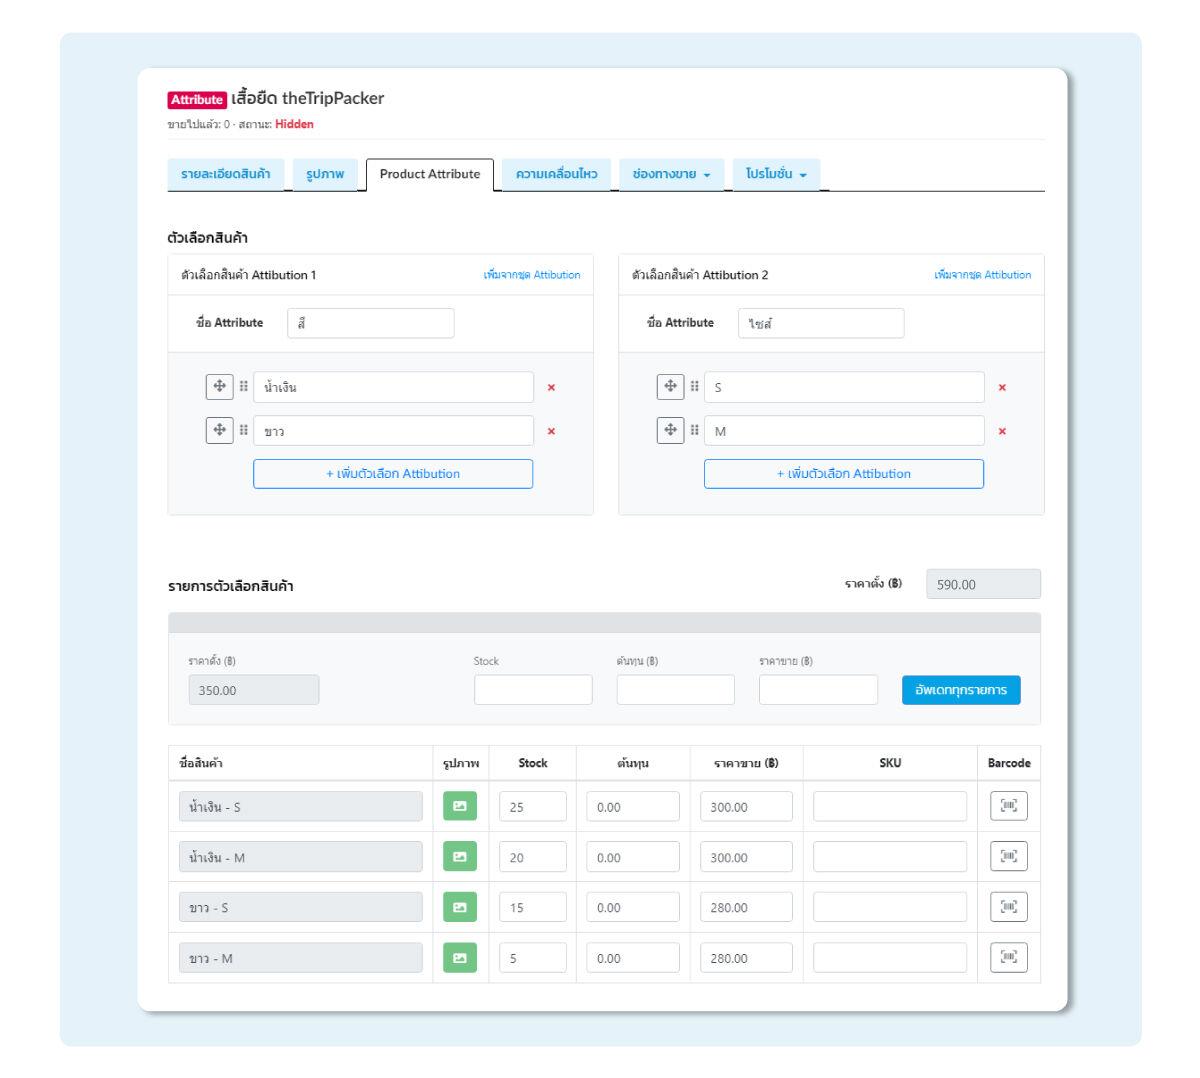 ตัวอย่างรายการสินค้าแบบ Attribution ที่สามารถดูรายละเอียด และเพิ่มเติมข้อมูลได้ตามต้องการ